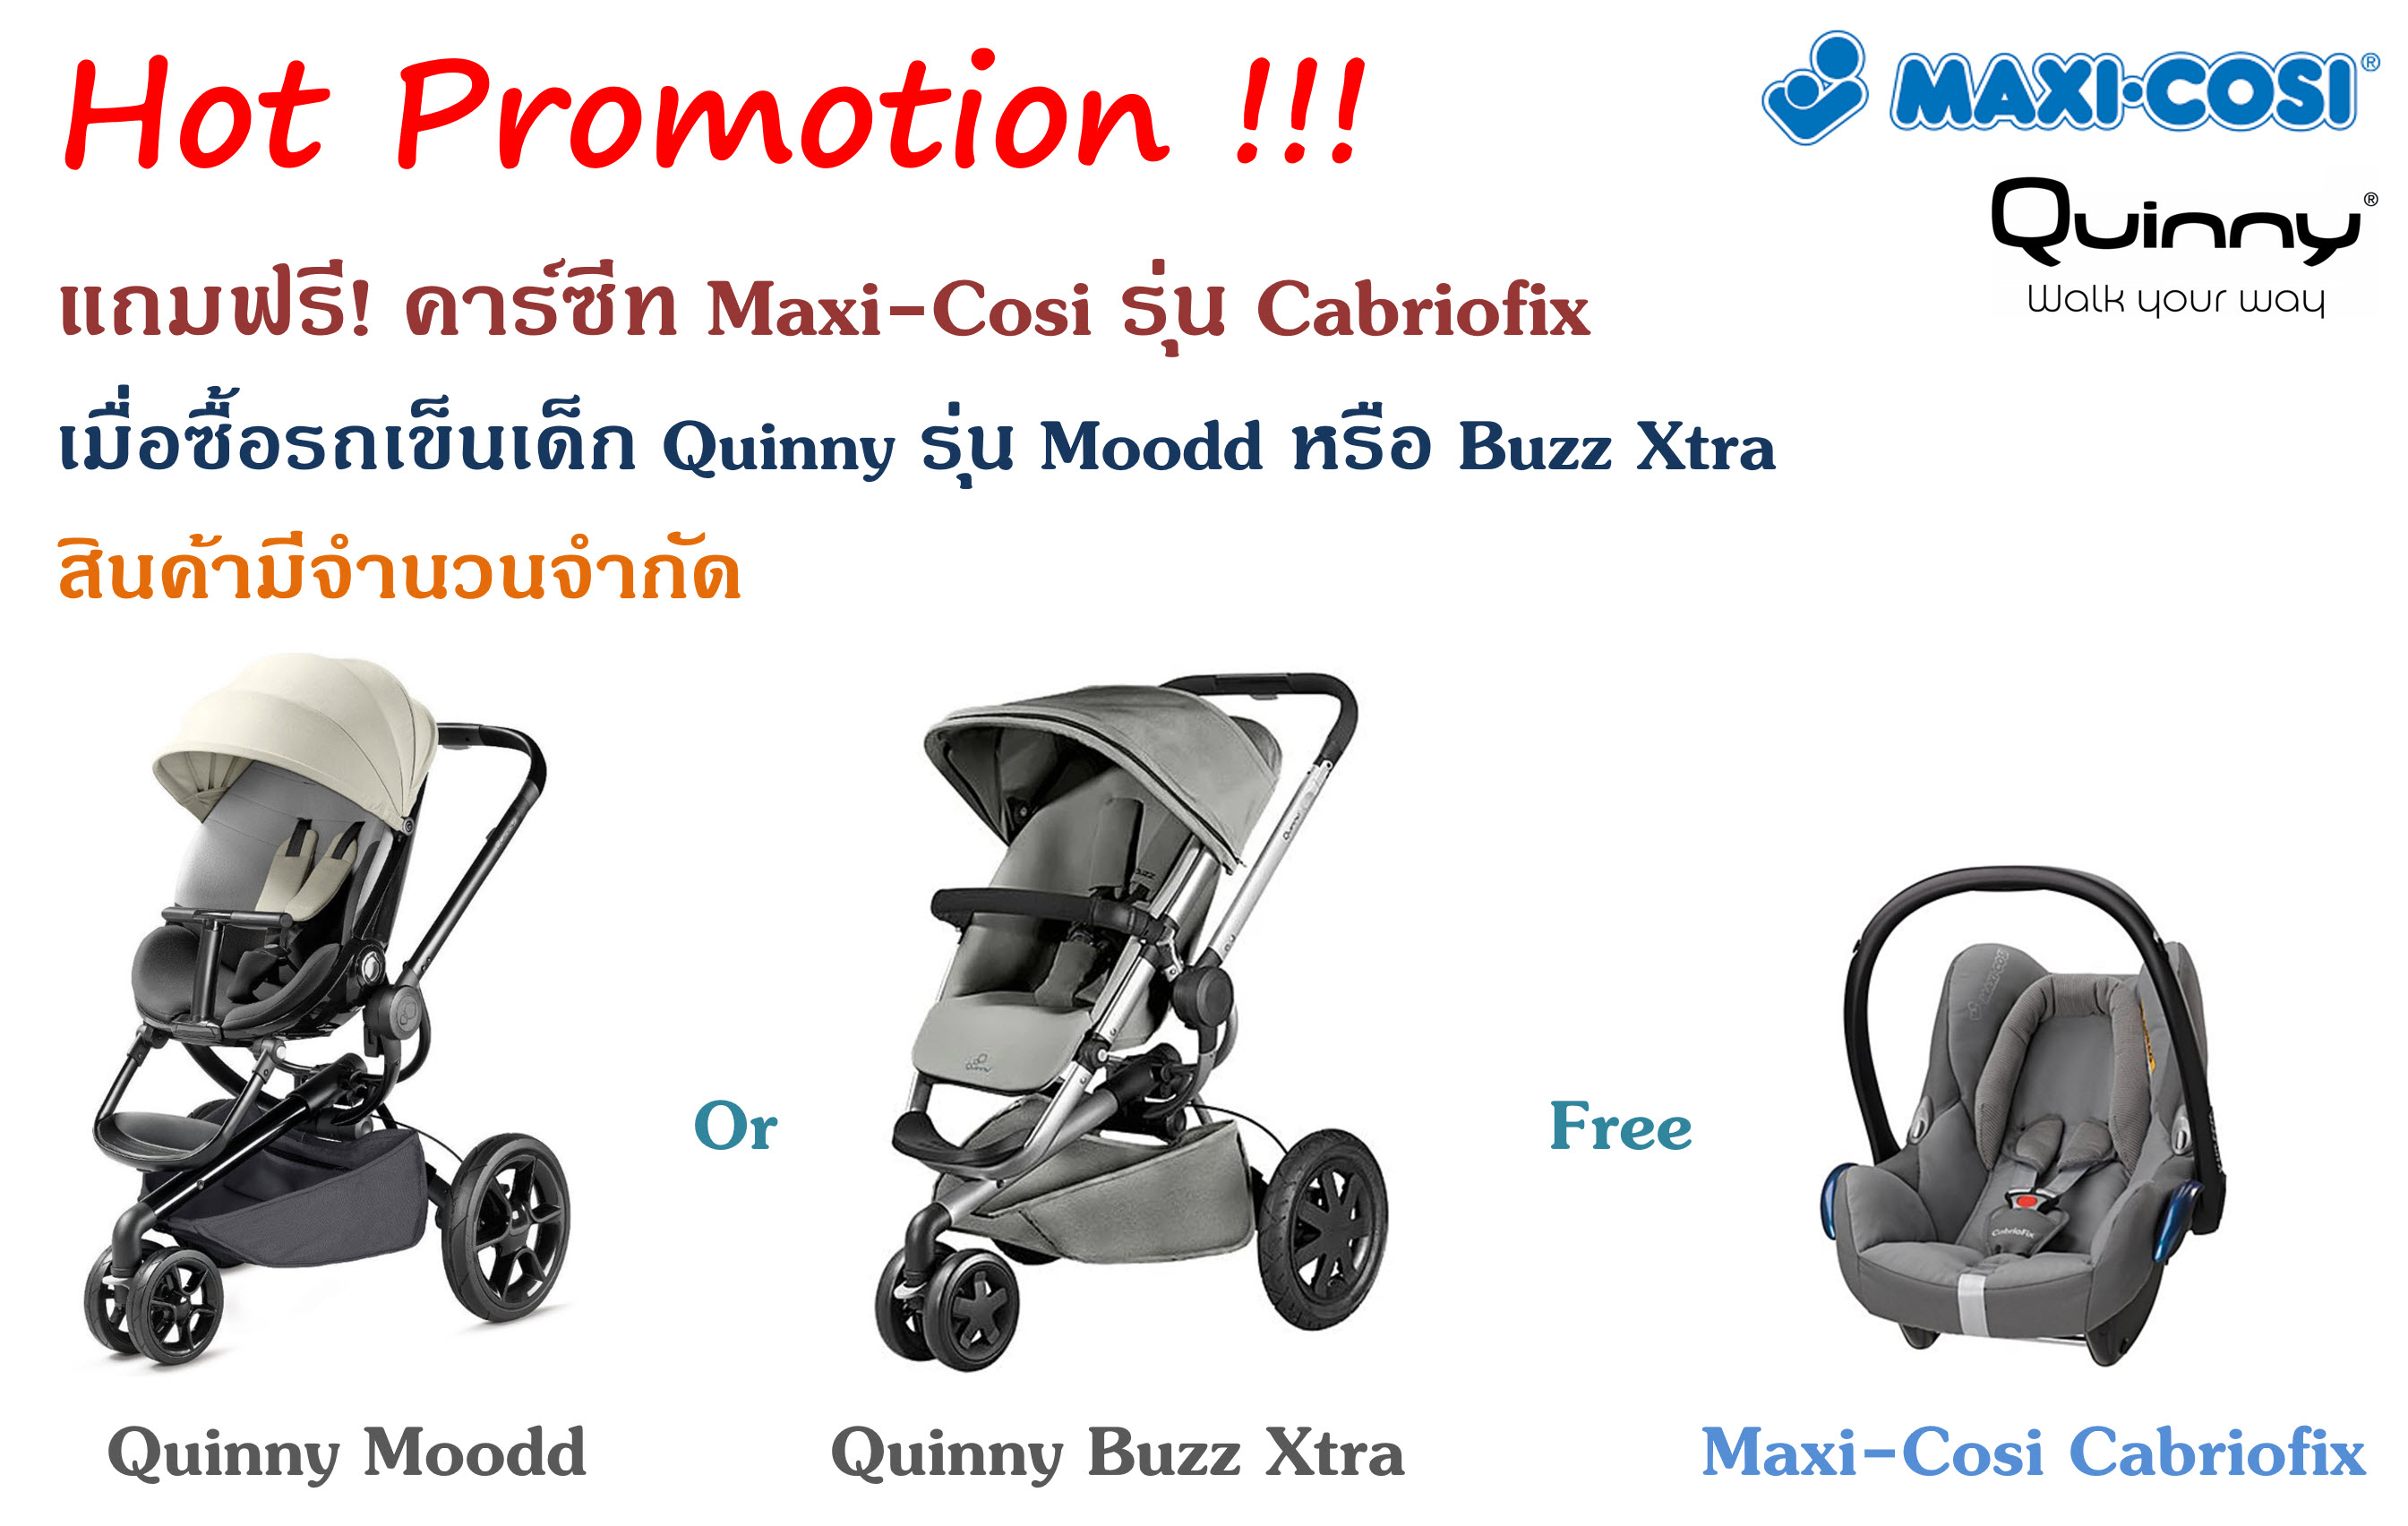 Quinny & Maxi-Cosi promotion